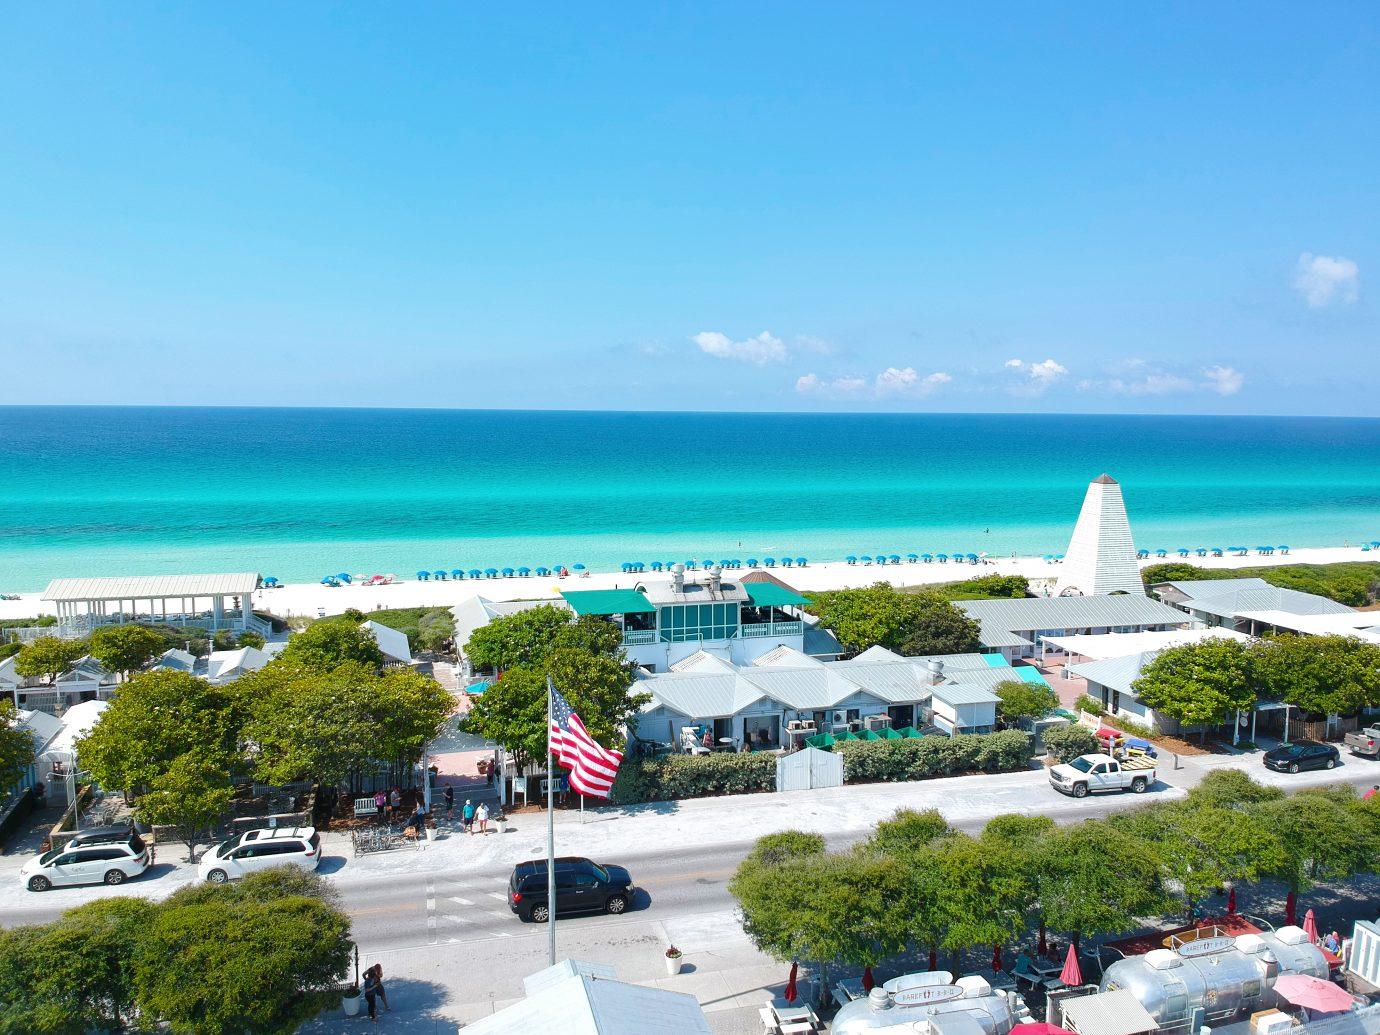 Beach in Seaside, FL